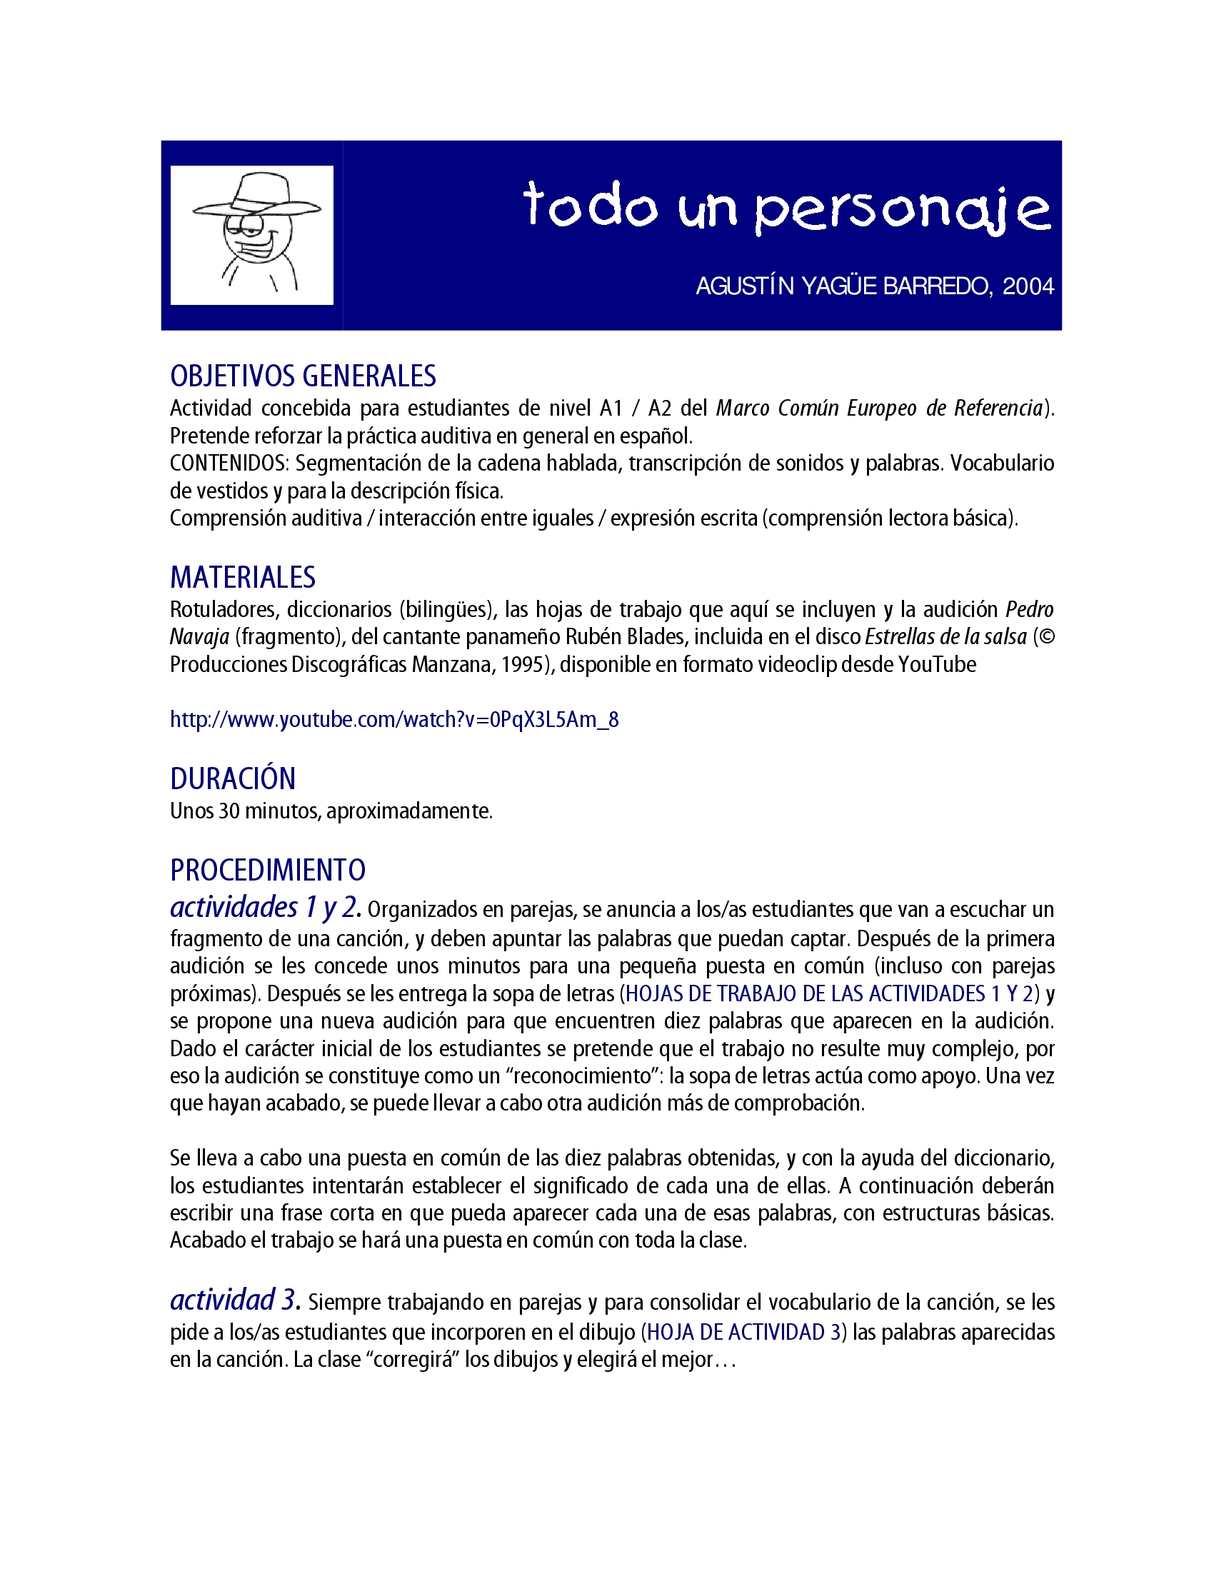 Calaméo - Pedronavaja A1 2